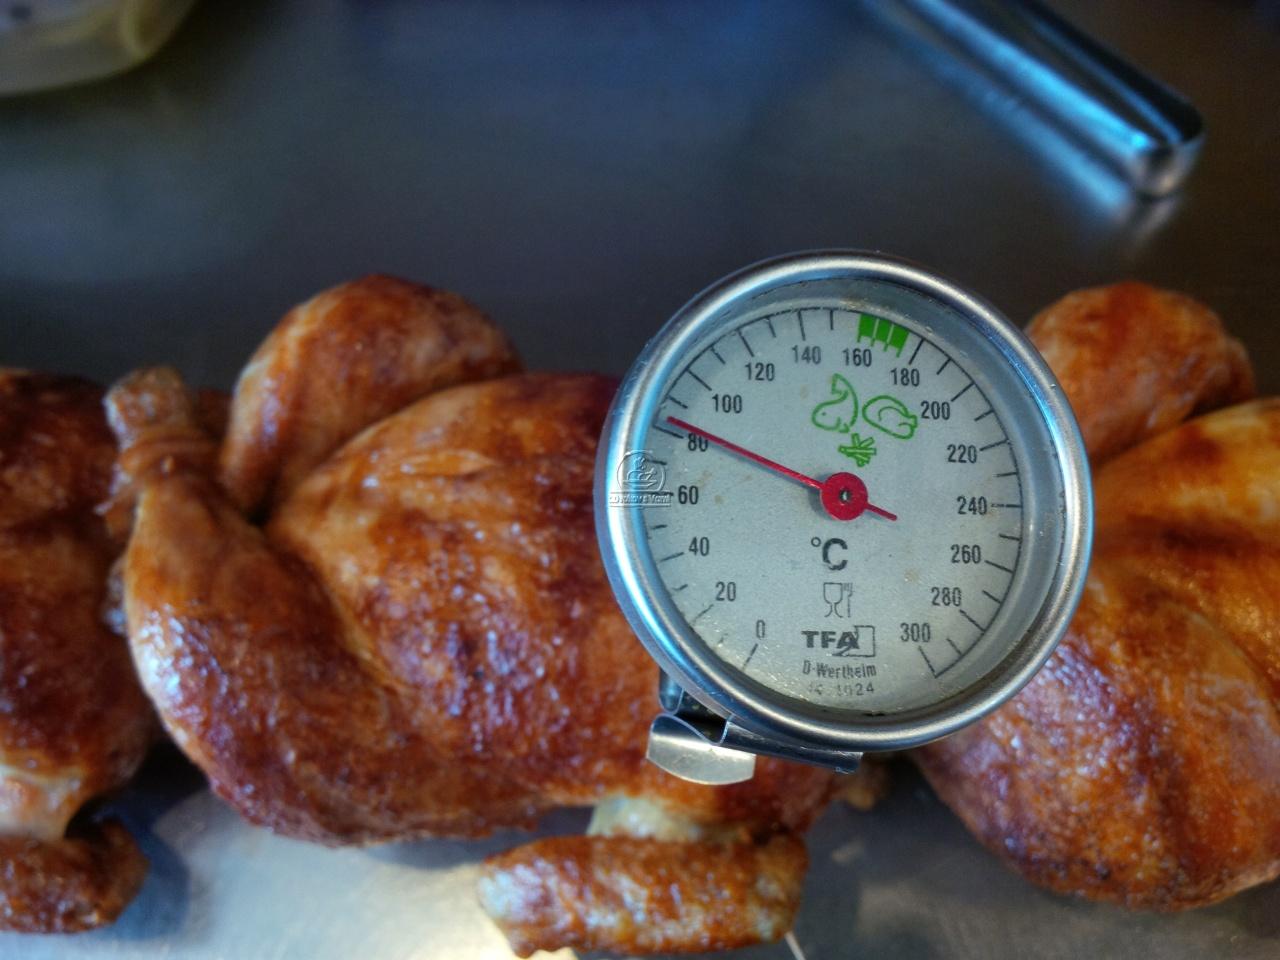 grilovane kura prievidza meranie teploty masa vpichovy teplomer vtacia chripka